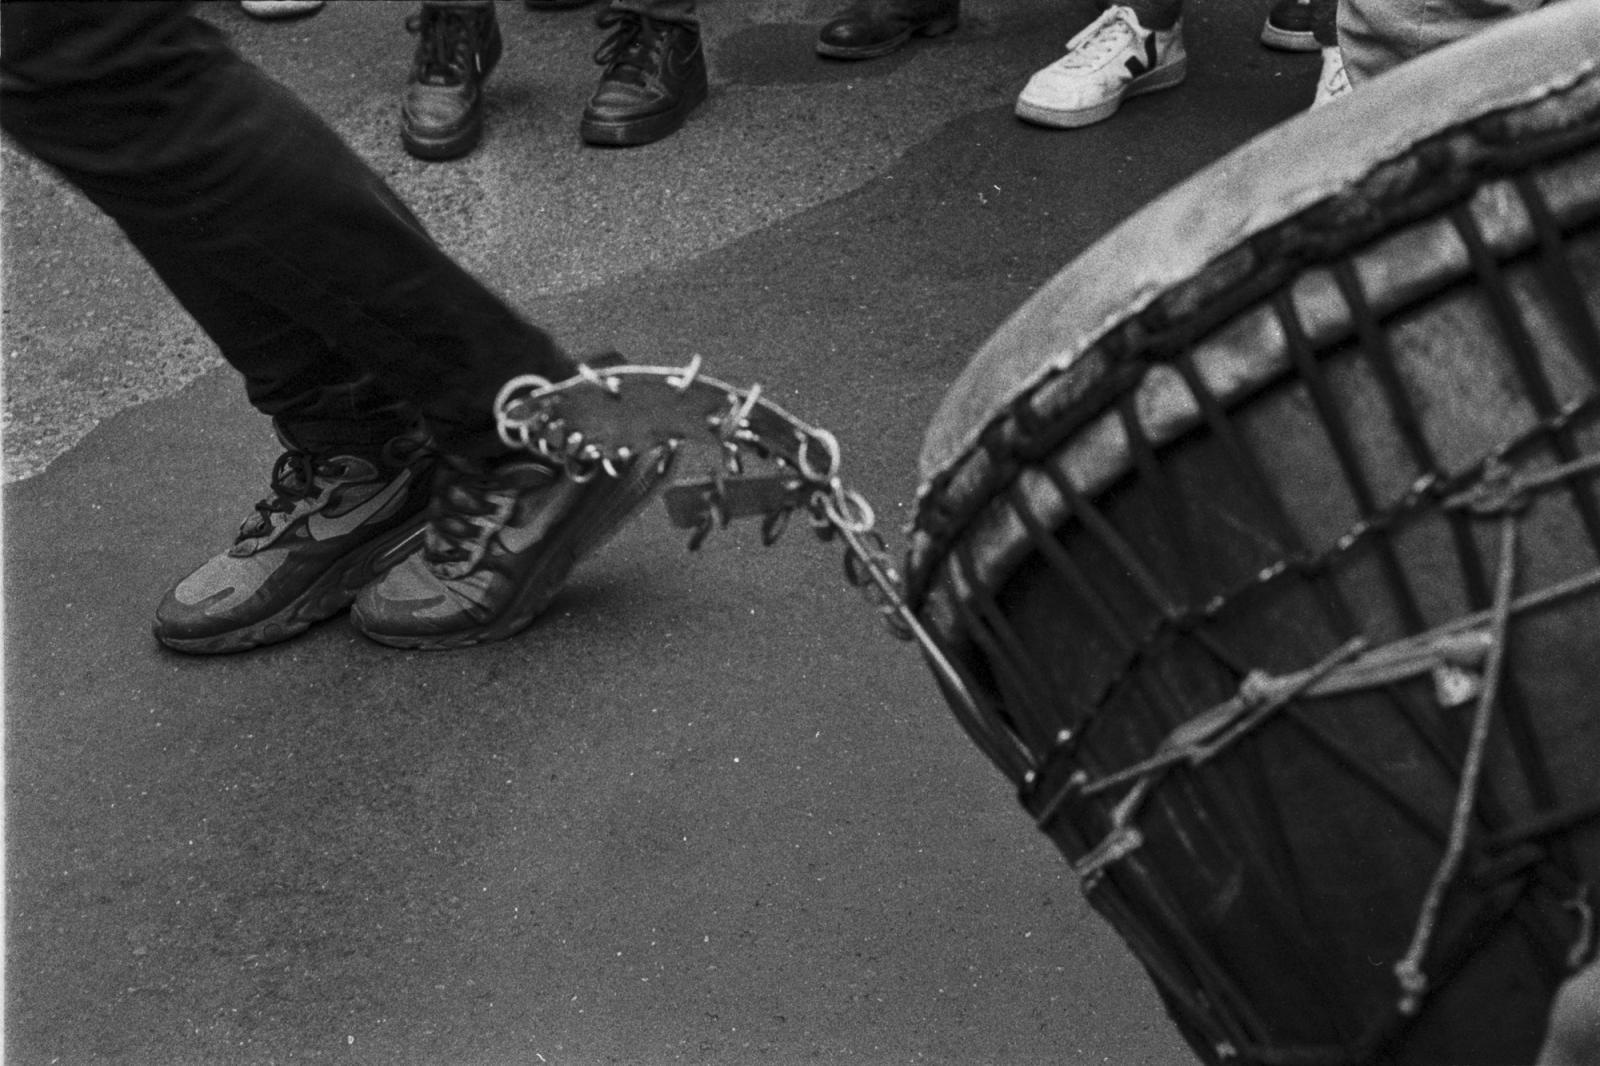 Manifestation des sans-papiers le samedi 17 Octobre 2020. Les manifestants viennent de la France entière. Ils se sont regroupés à Place de la République à 14h après leur longue marche qui a commencé le 19 Septembre 2020.